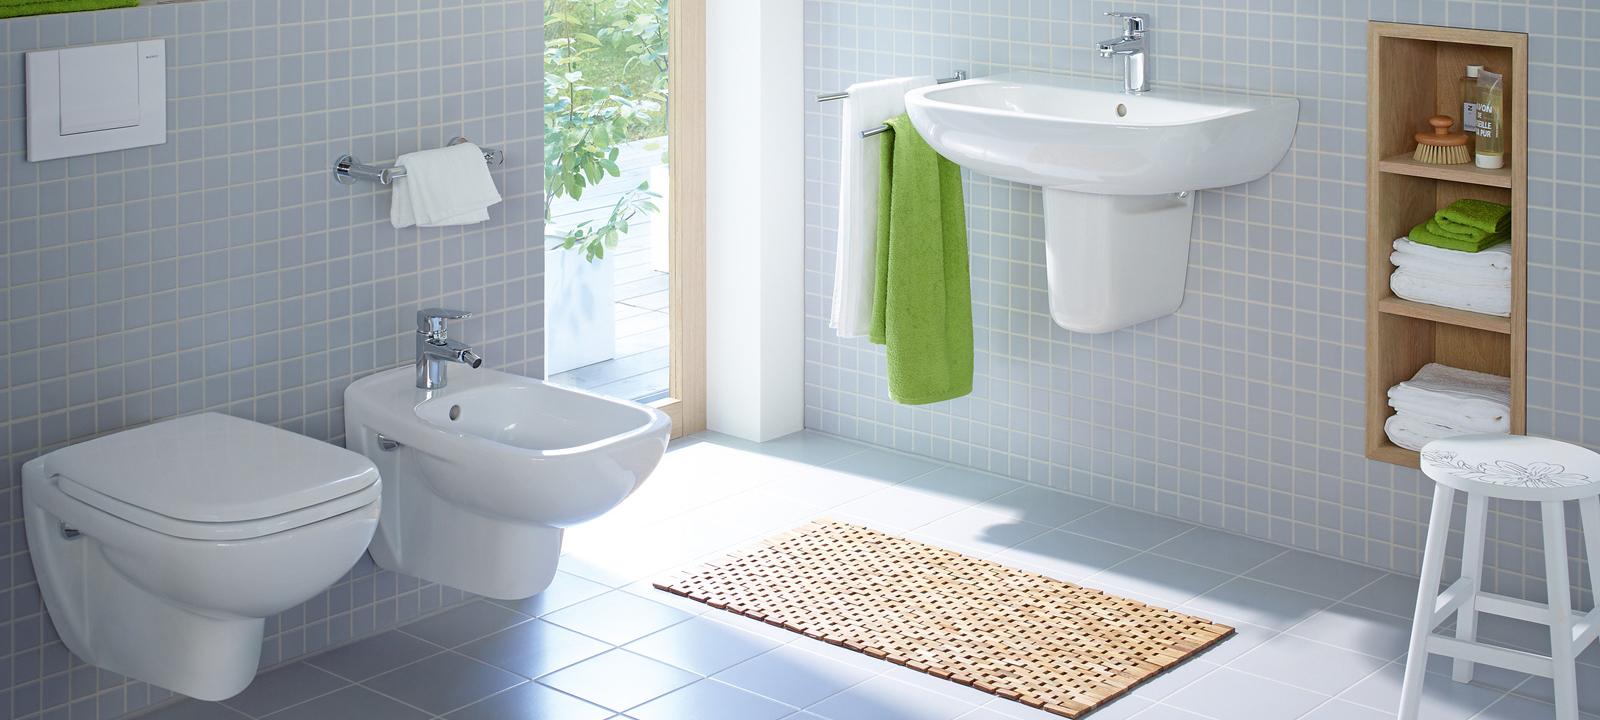 Arredare il bagno di casa come scegliere lavandini e - Lavandini bagno in muratura ...